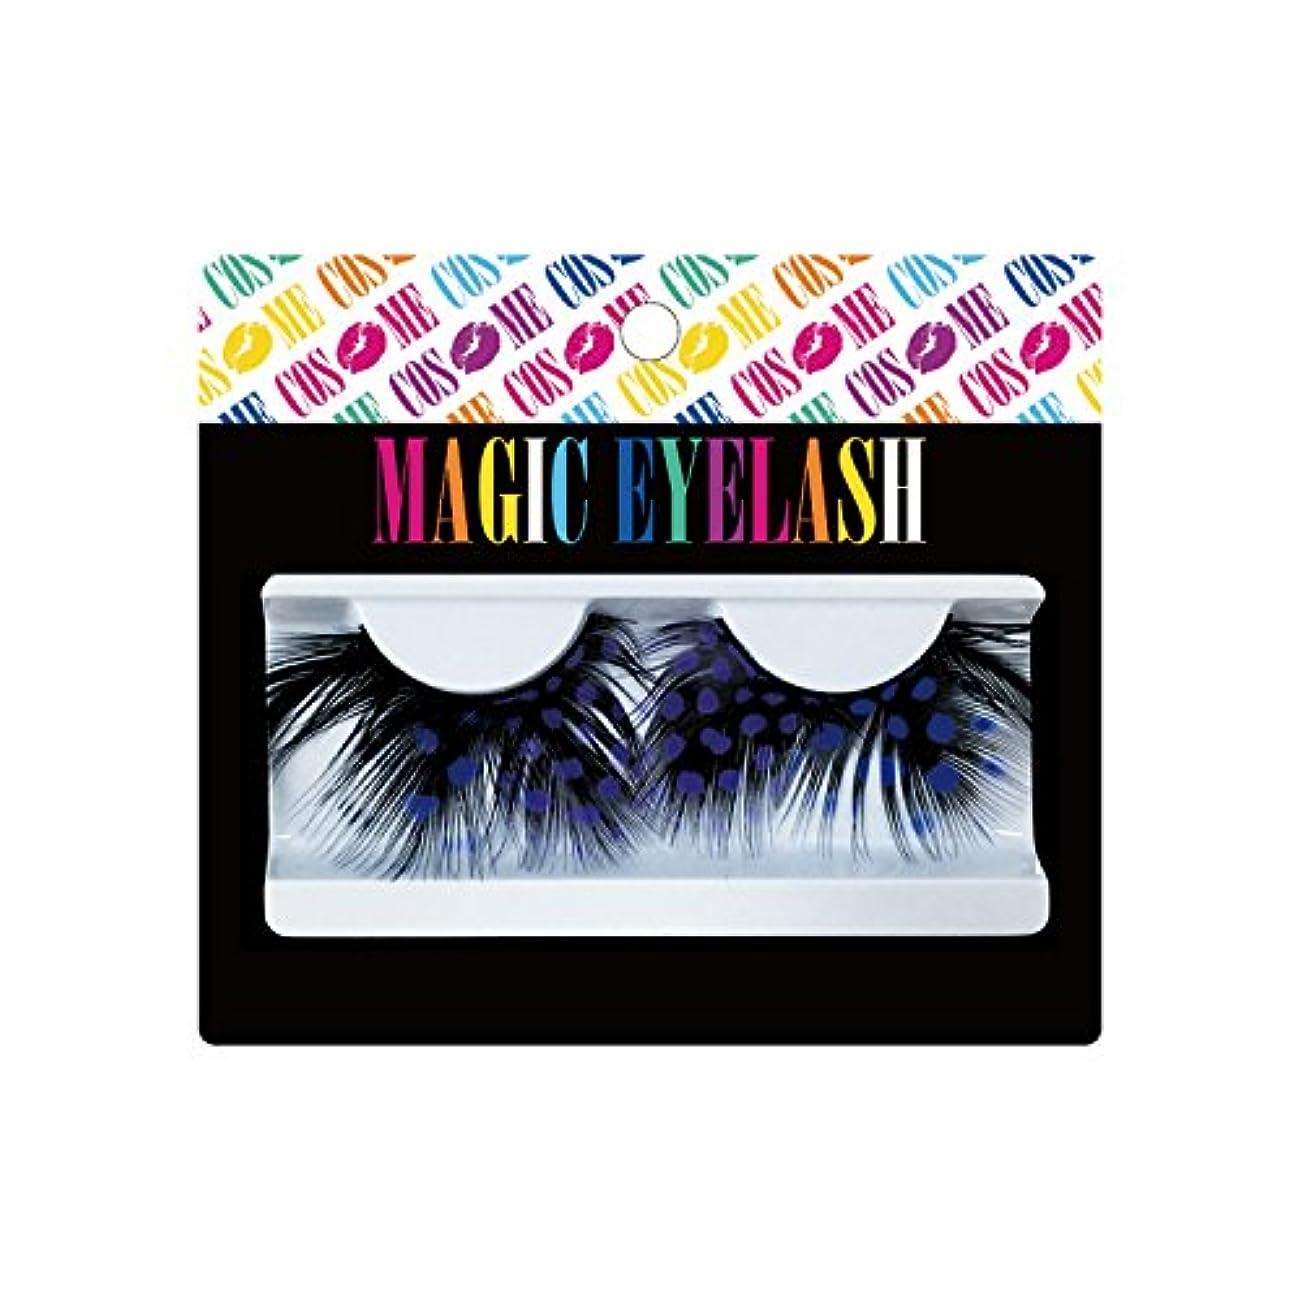 知覚できる注文処理するピュア つけまつげ MAGIC EYELASH マジック アイラッシュ #9